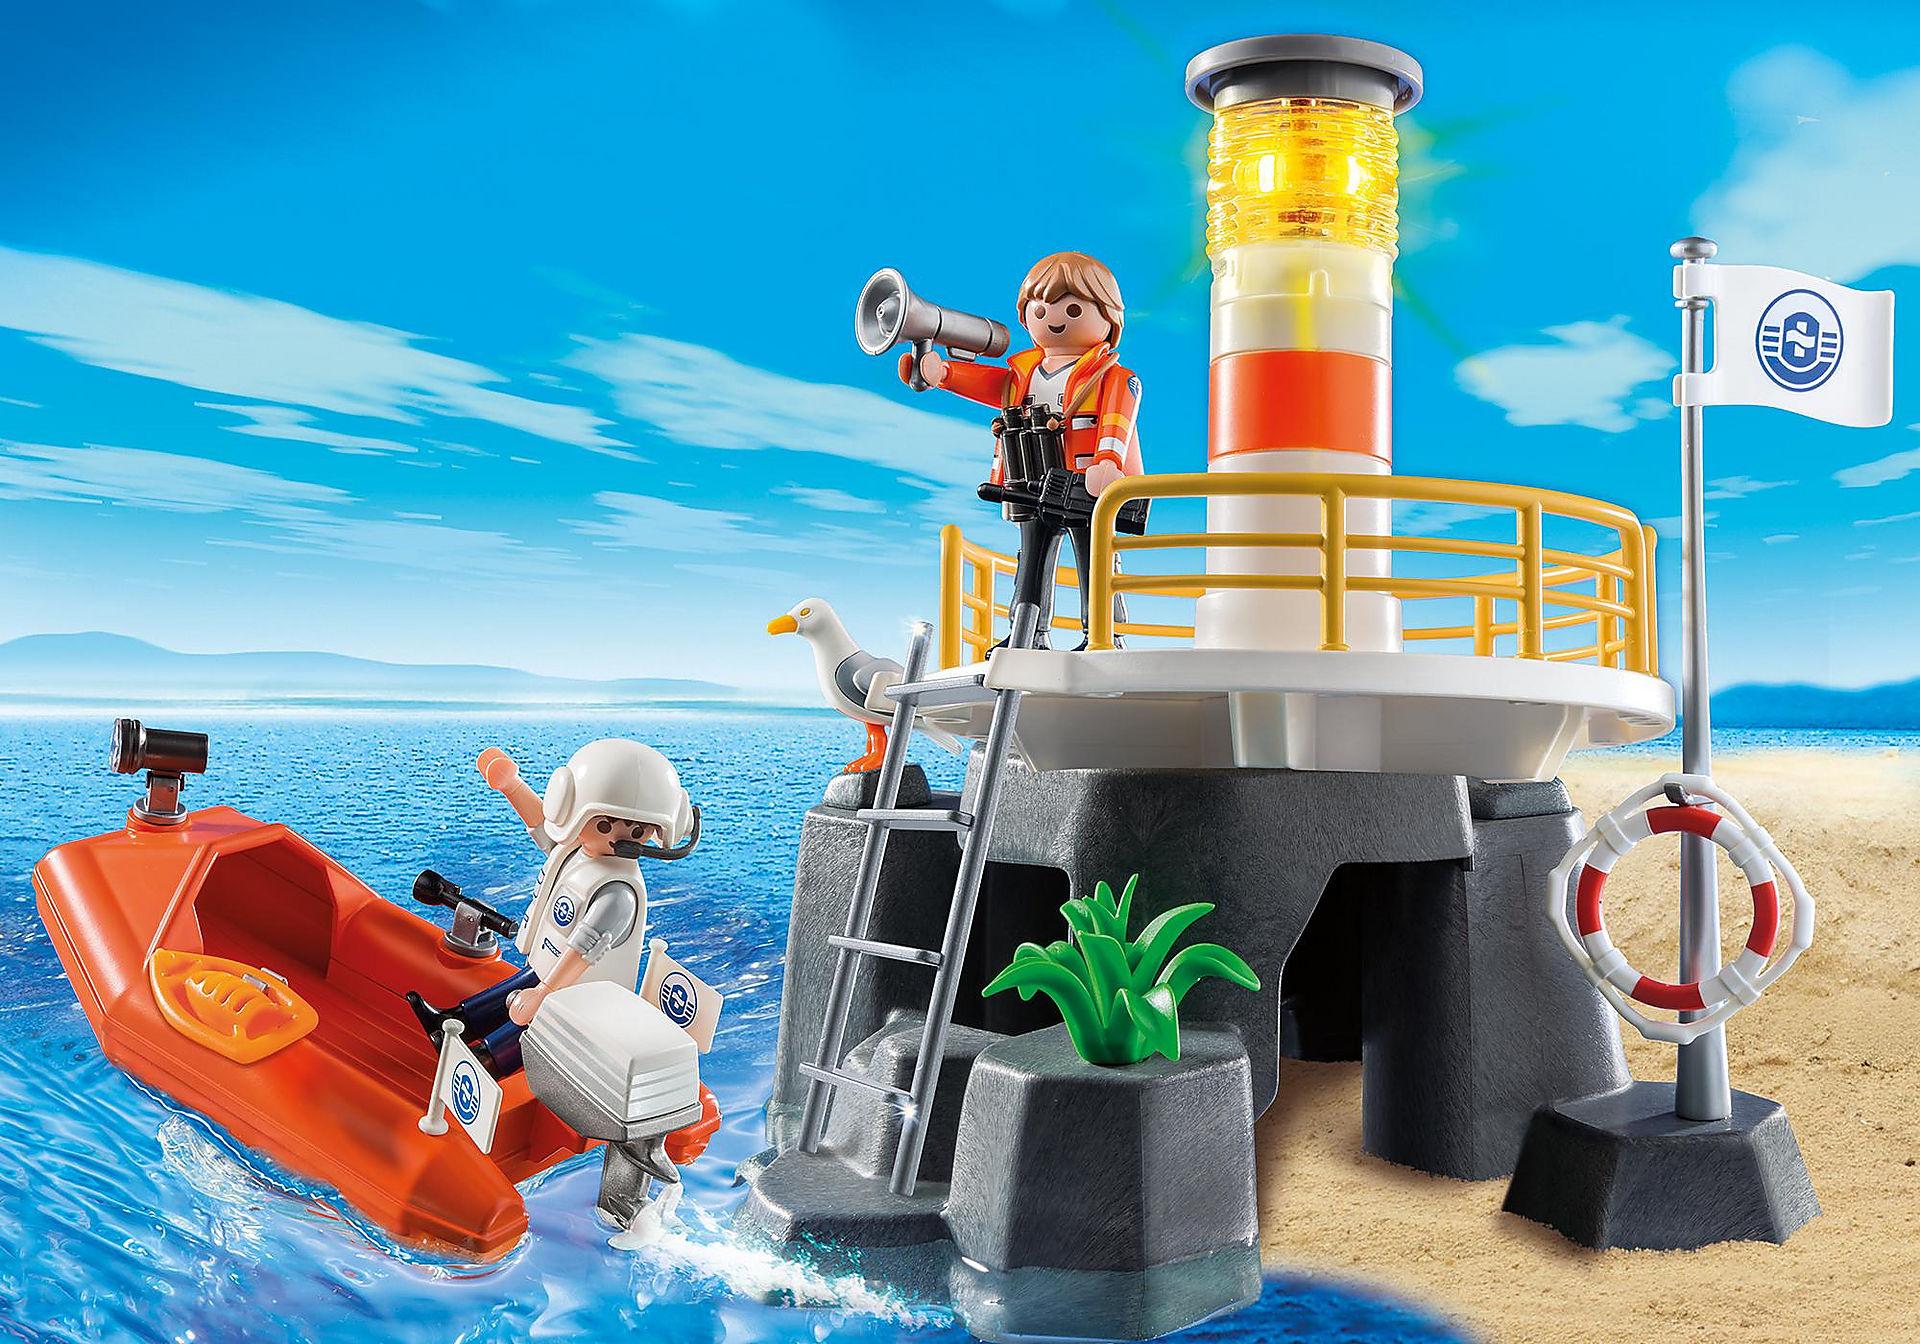 5626  Vuurtoren met reddingsboot zoom image1